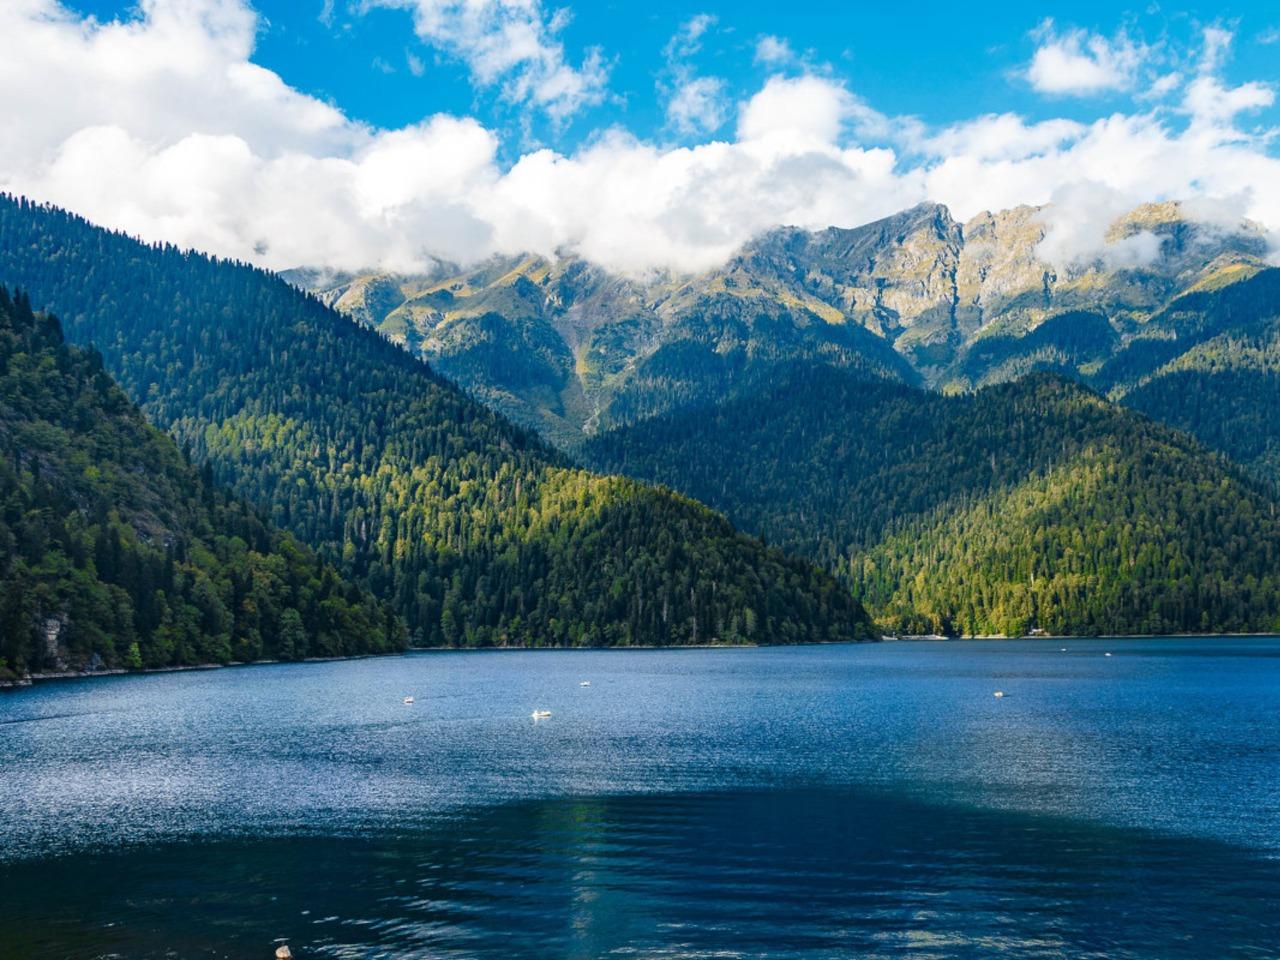 Раскрывая тайны озера Рица - в поисках Святого Грааля - индивидуальная экскурсия в Гаграх от опытного гида